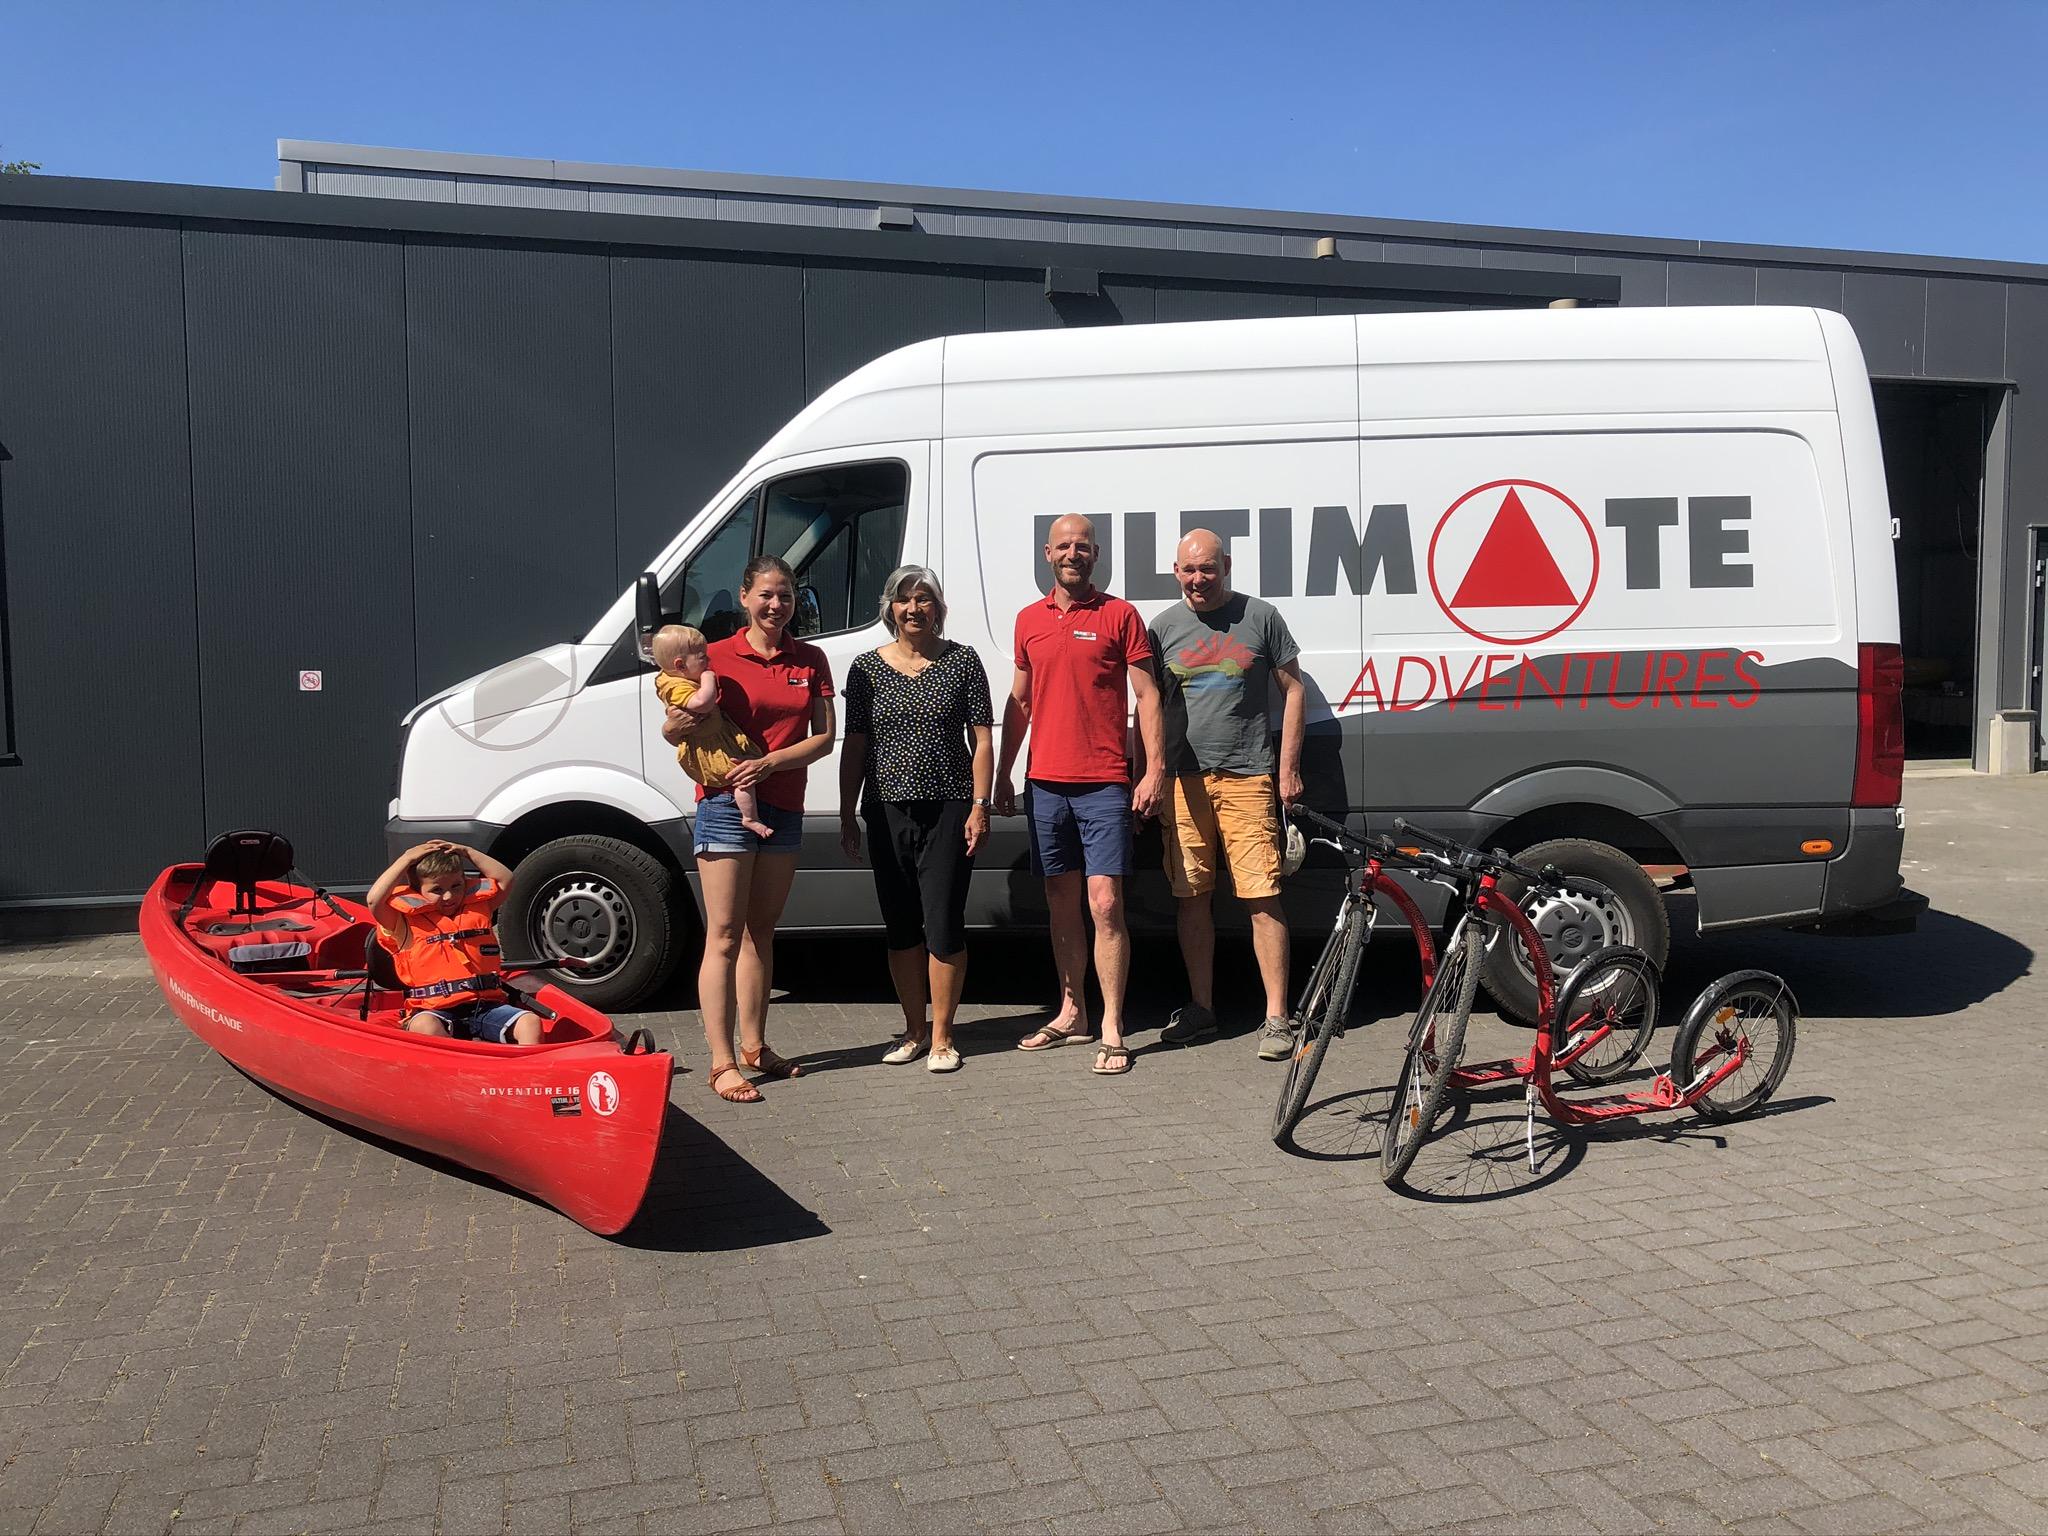 Team Ultimate Adventures Nederland. Persoonlijk en betrokken.